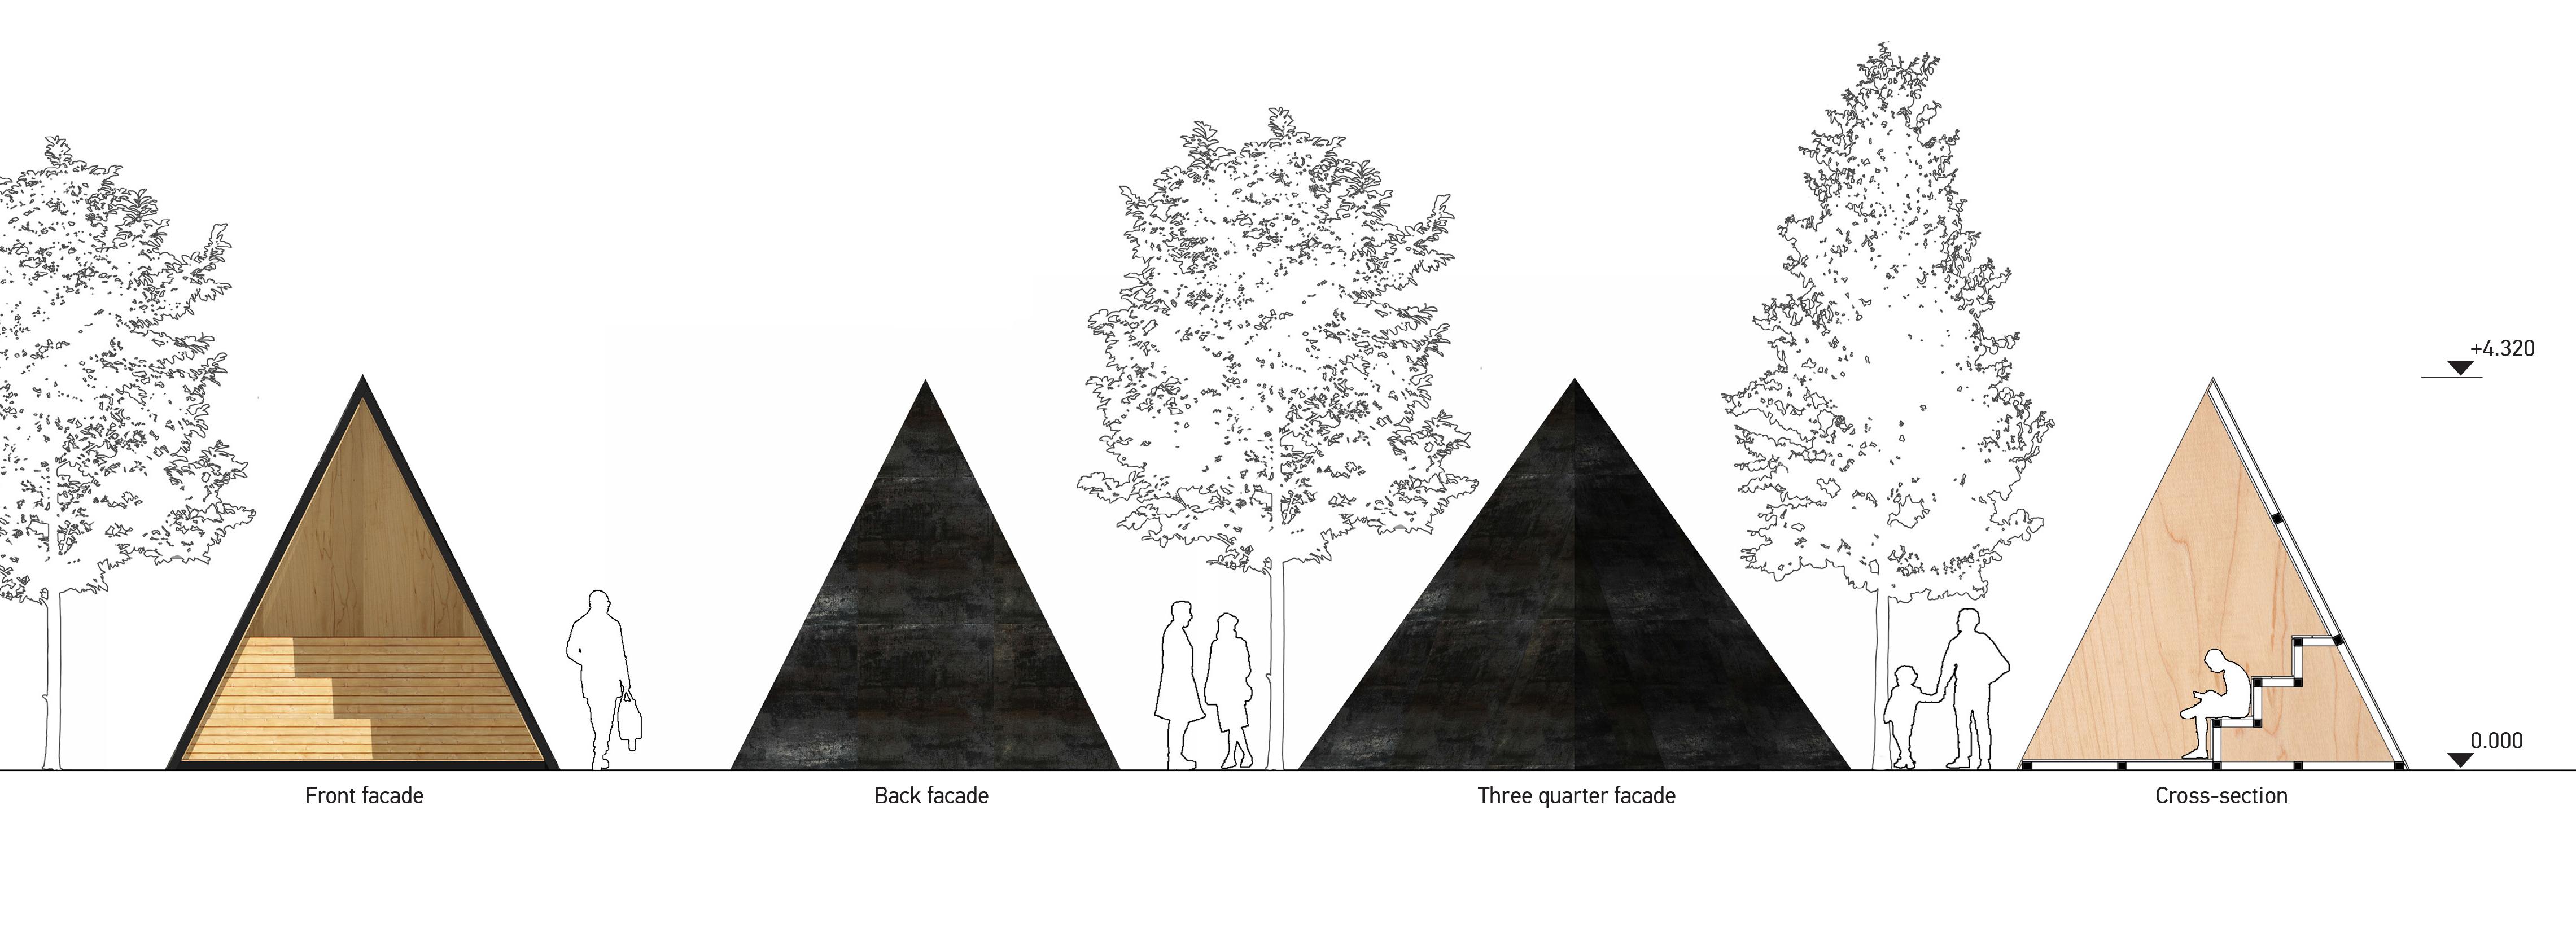 facade / pyramid